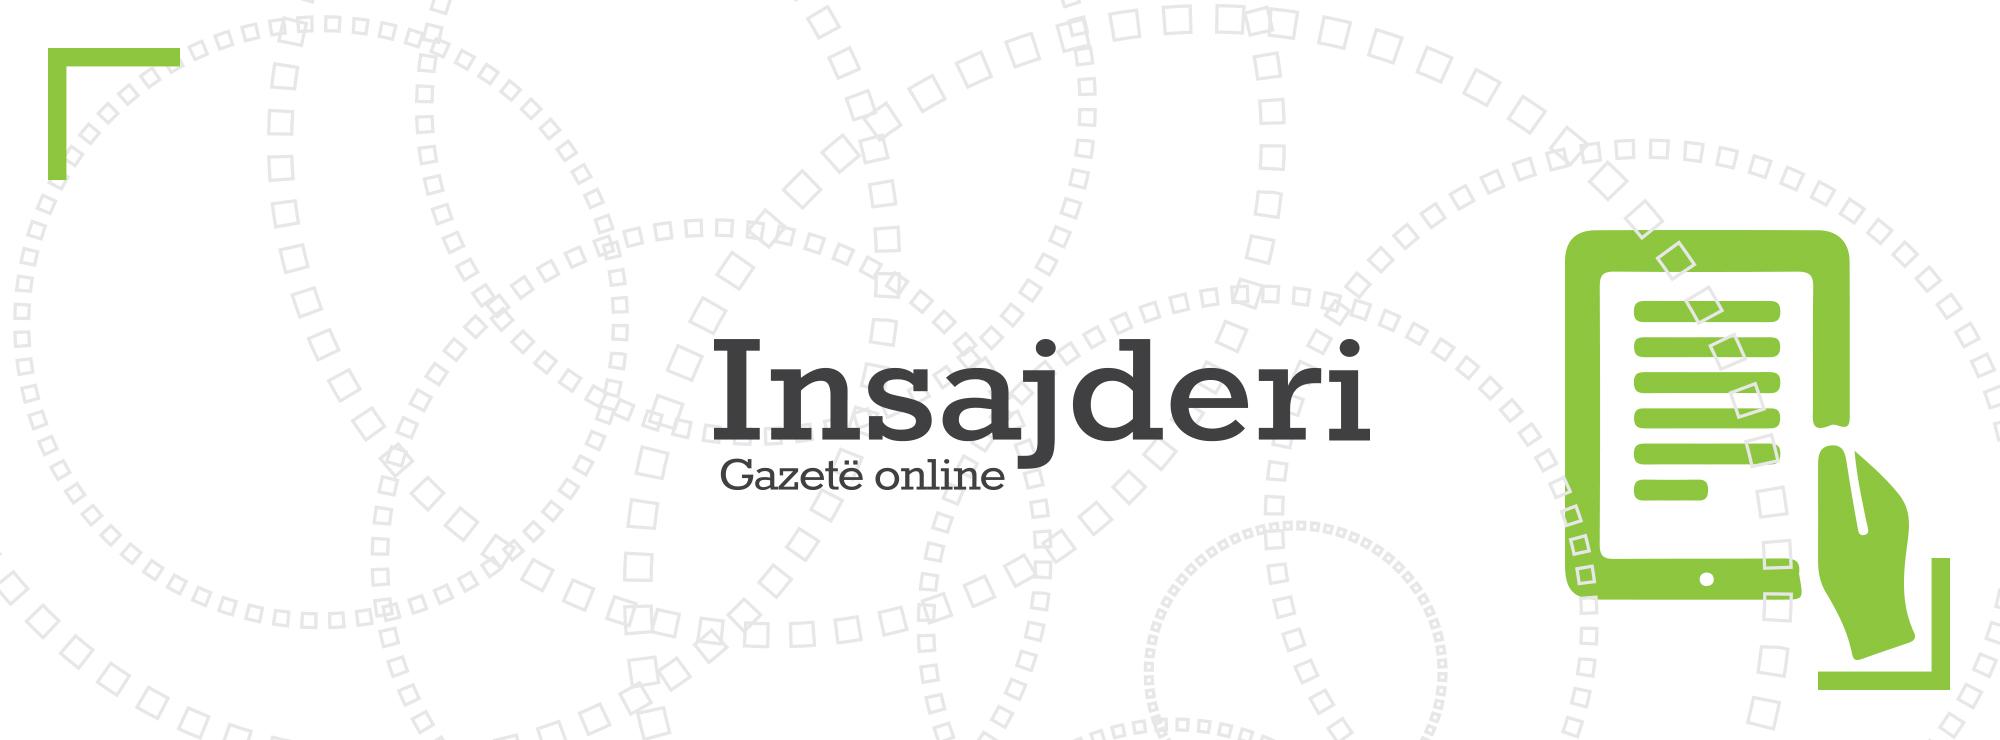 insajderi.com